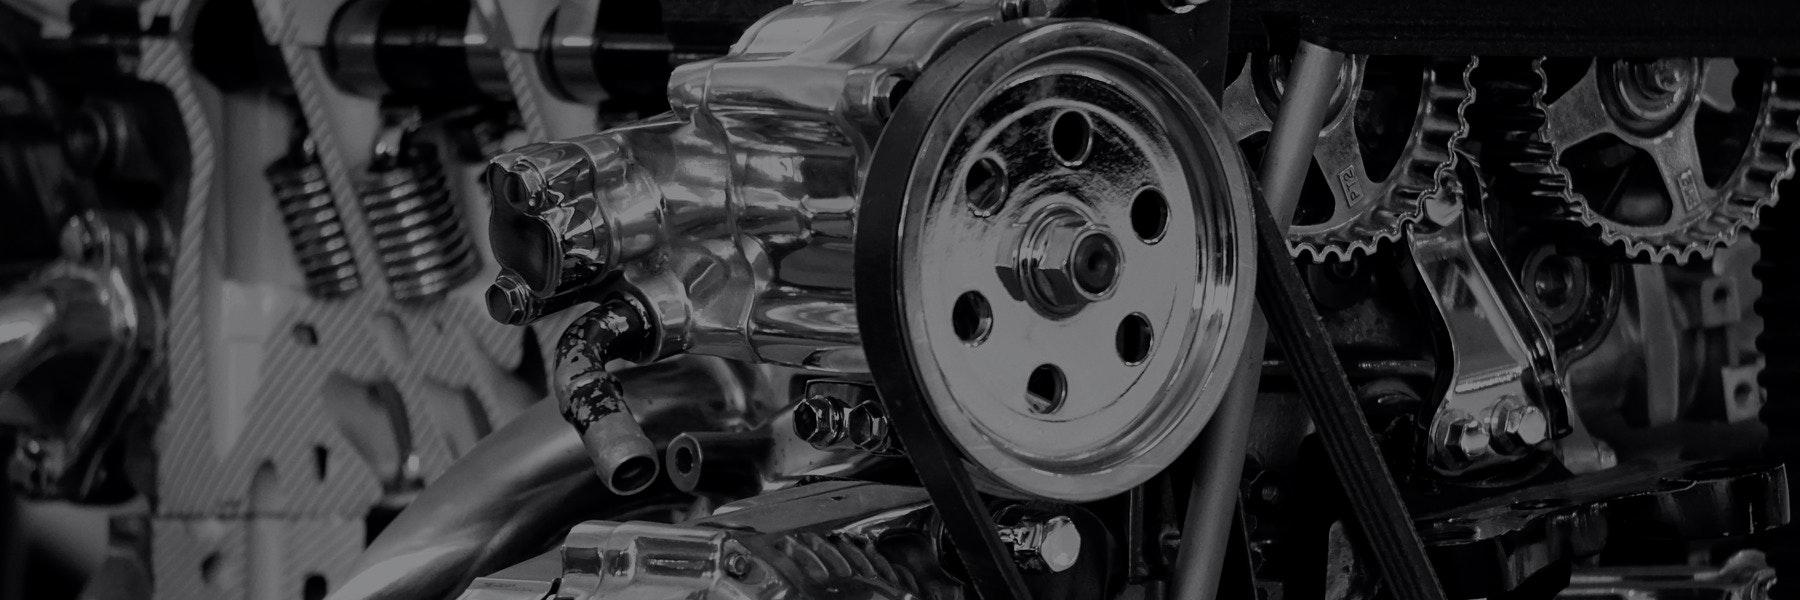 ecommerce auto parts